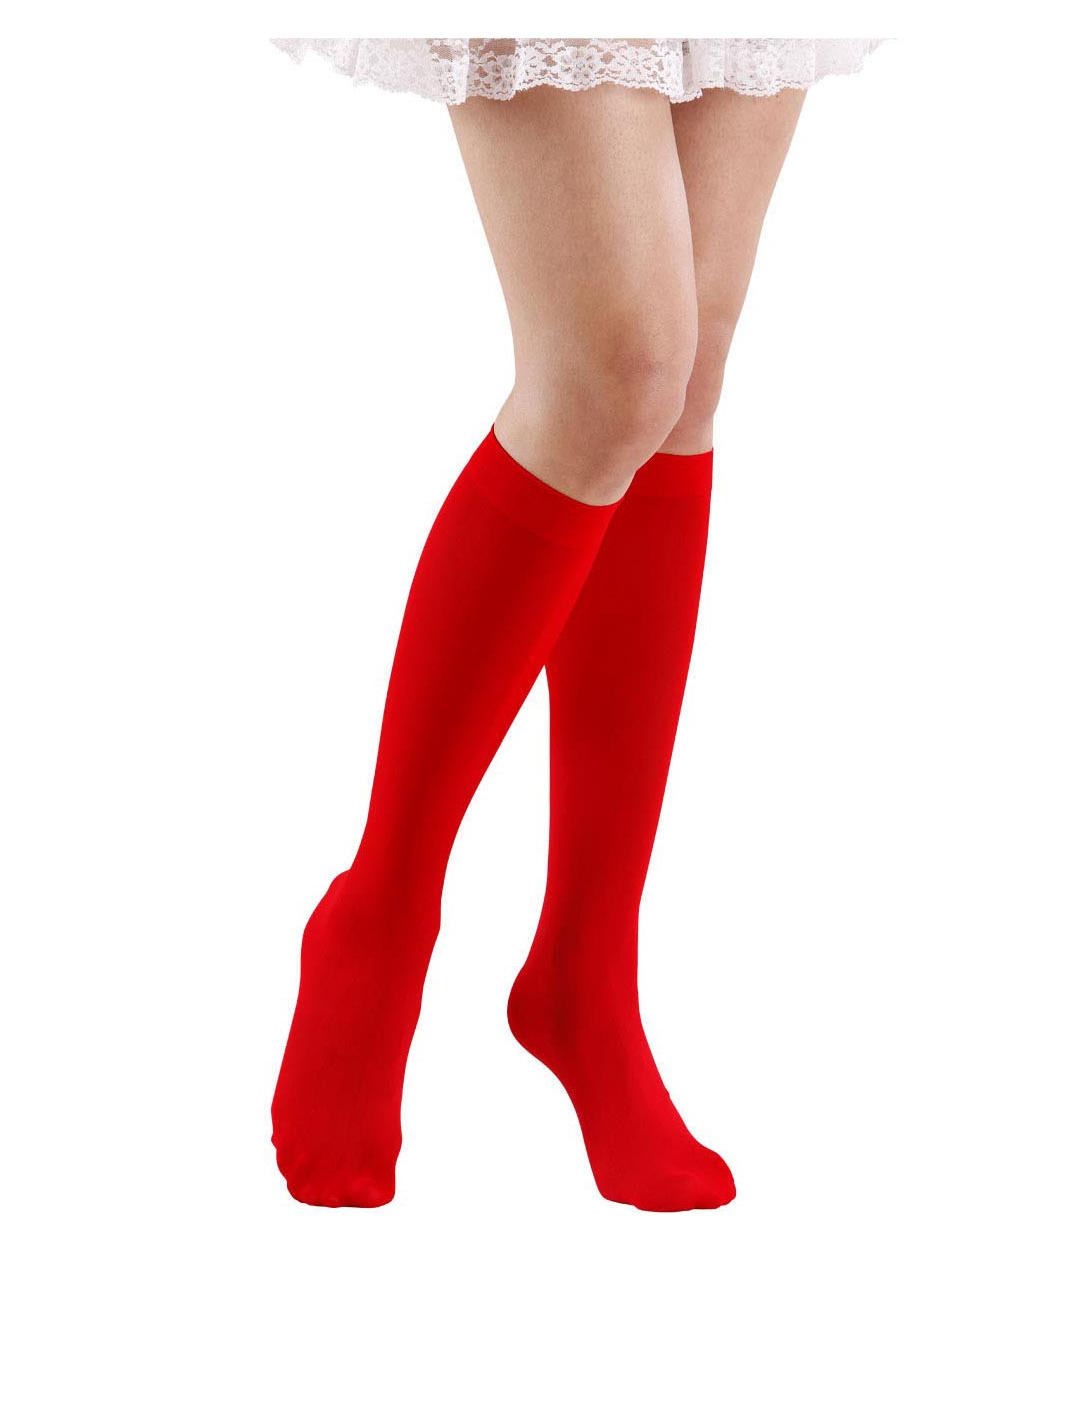 5441c0fe4e9 Chaussettes longues rouges 53 cm adulte   Deguise-toi